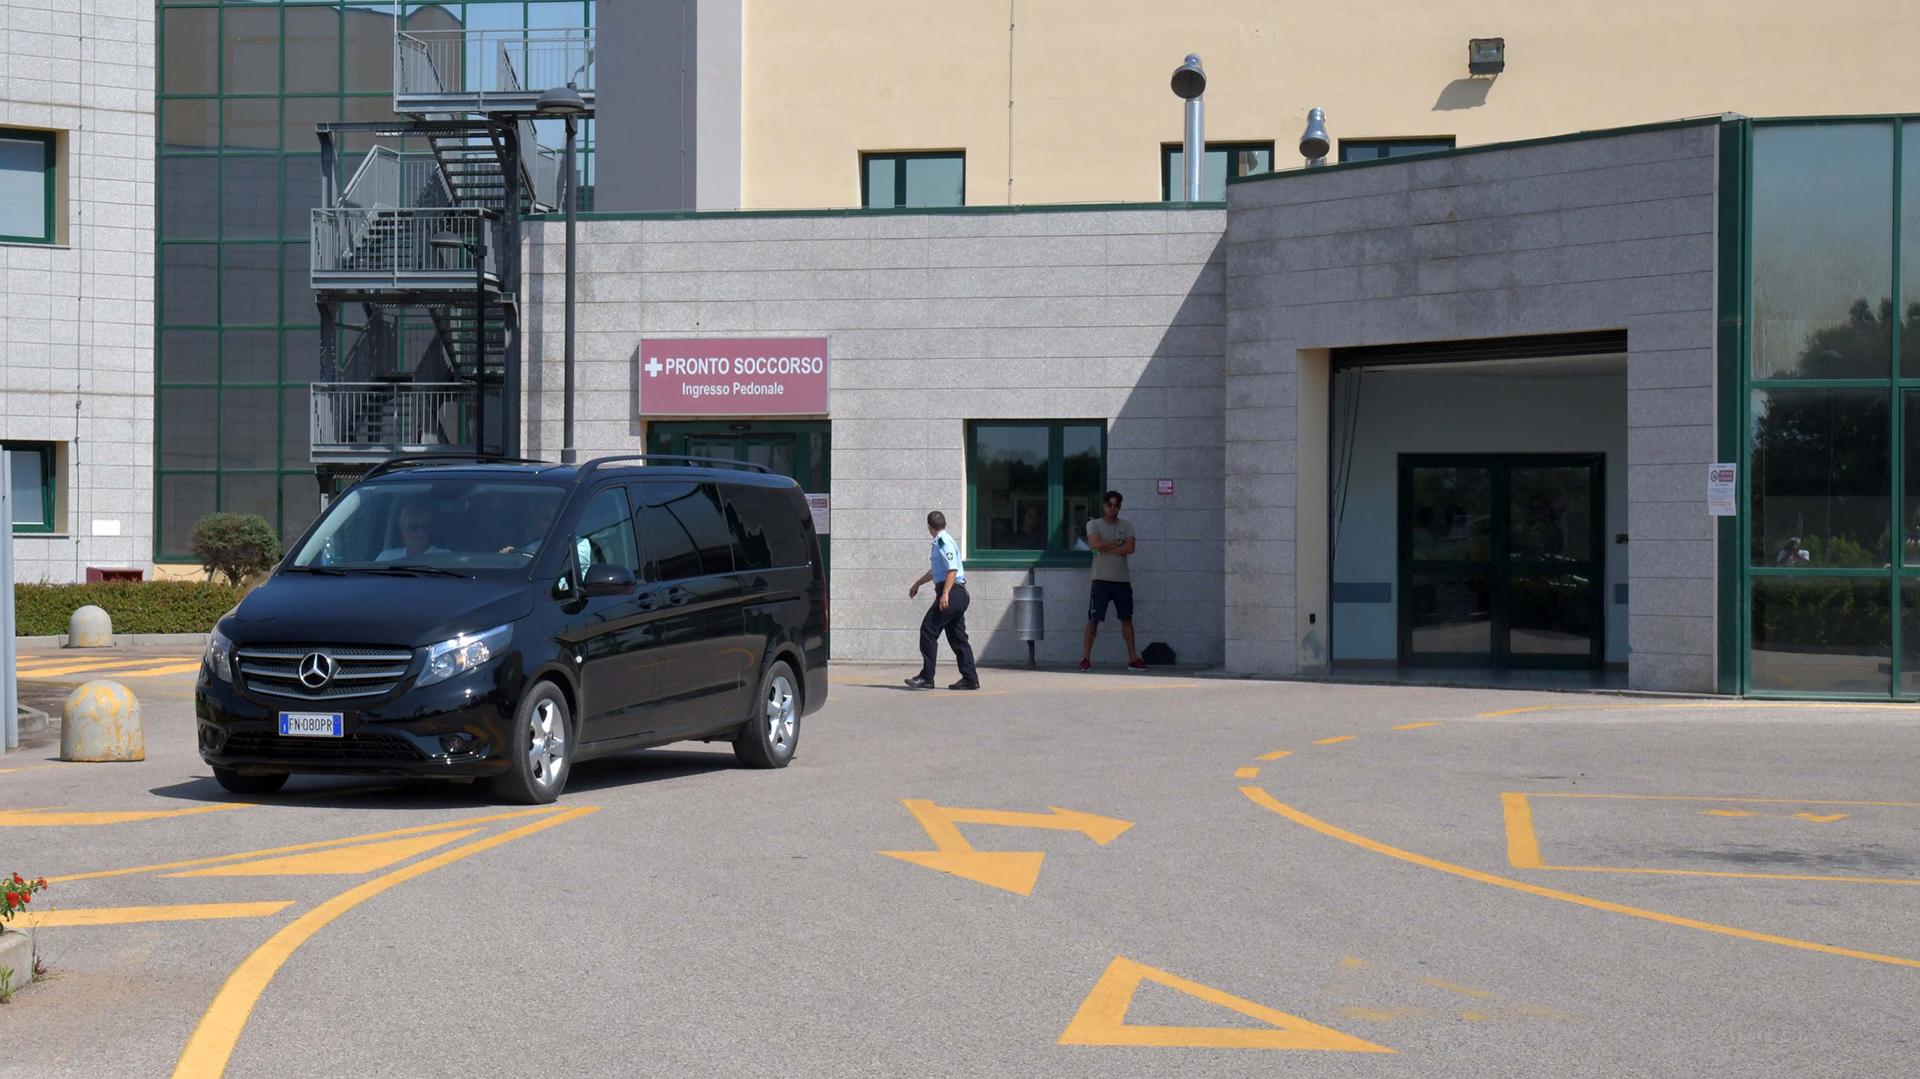 La entrada del hospital Juan Pablo II de Costa Corallina, Puntaldia, donde fue trasladado el actor. (Grosby Group)